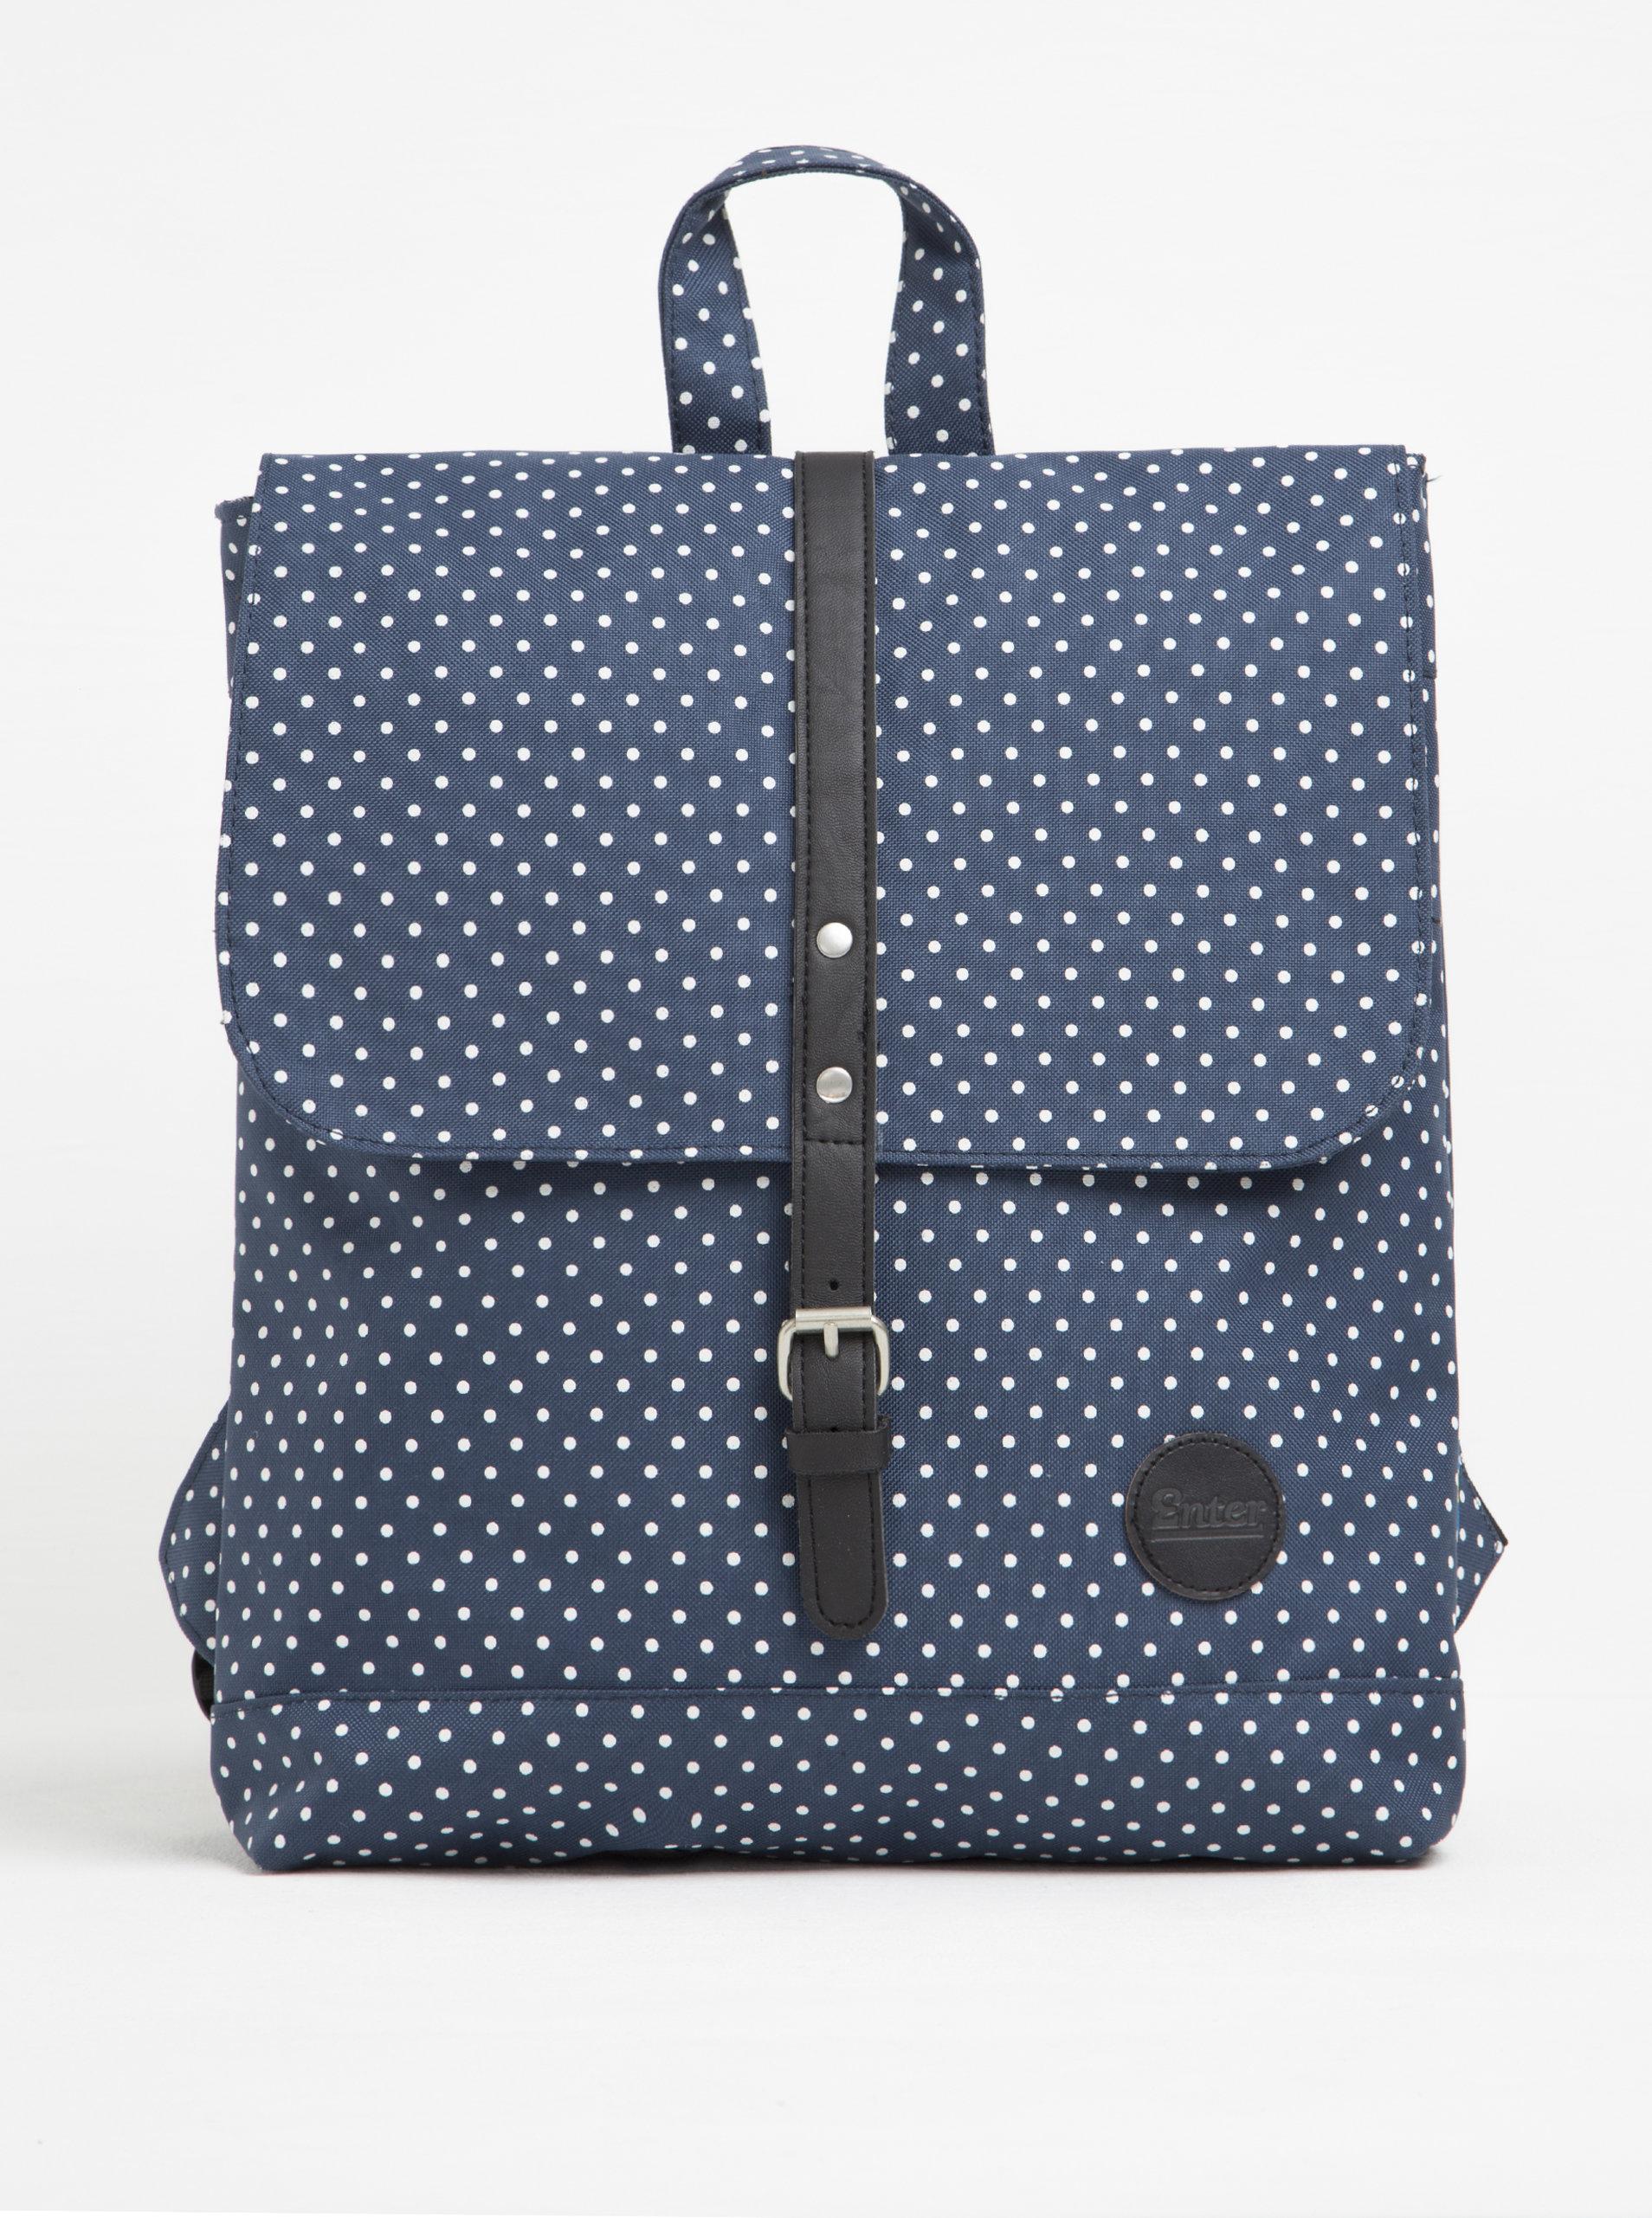 Bílo-modrý batoh Enter Backpack Mini 8 l ... a2f113e476